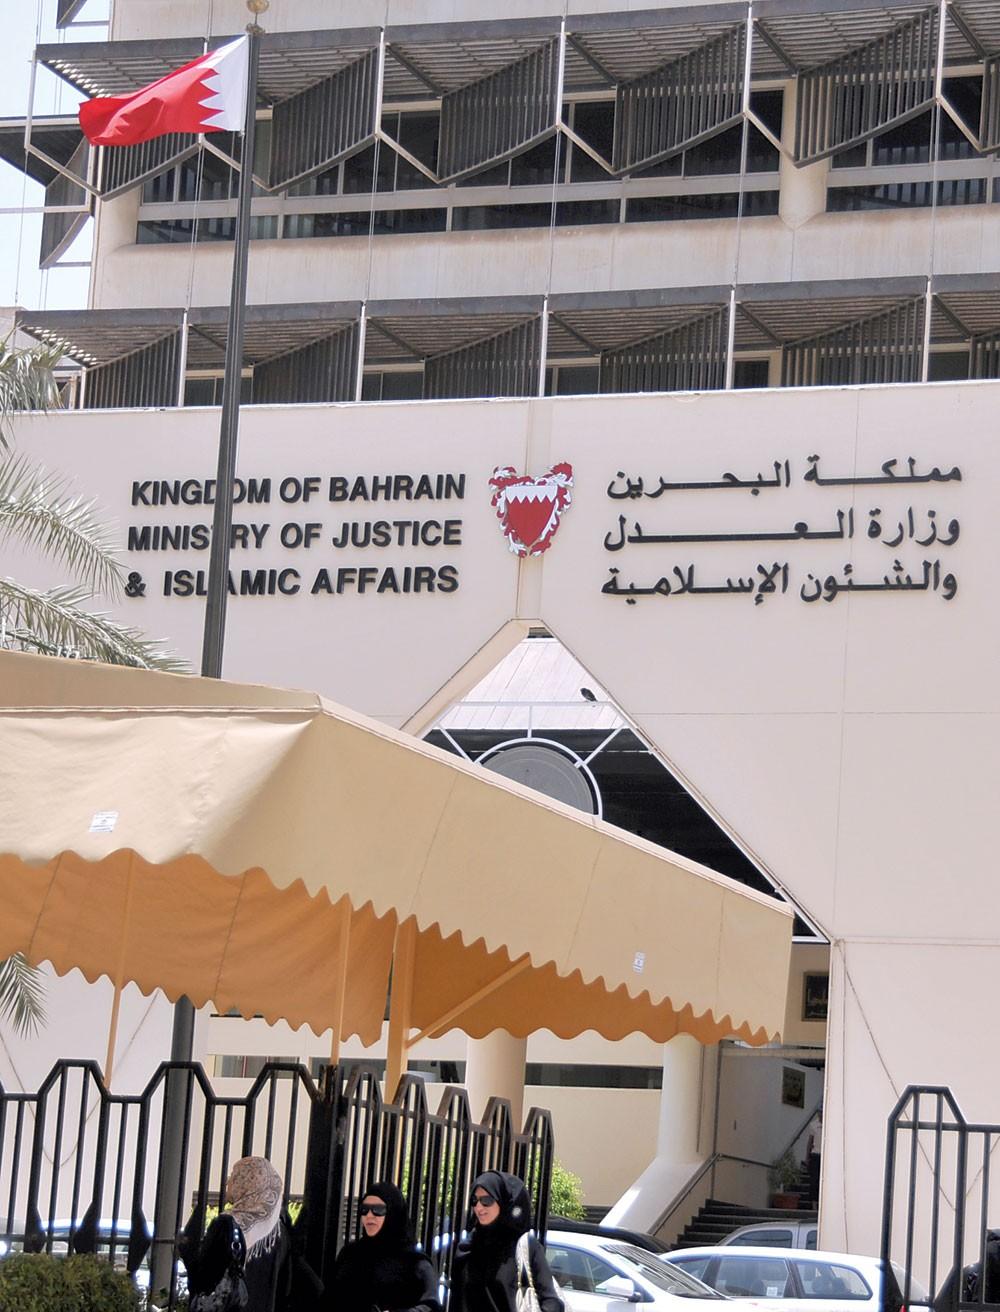 براءة أجنبي من ممارسة نشاط سياحي في المملكة بدون ترخيص